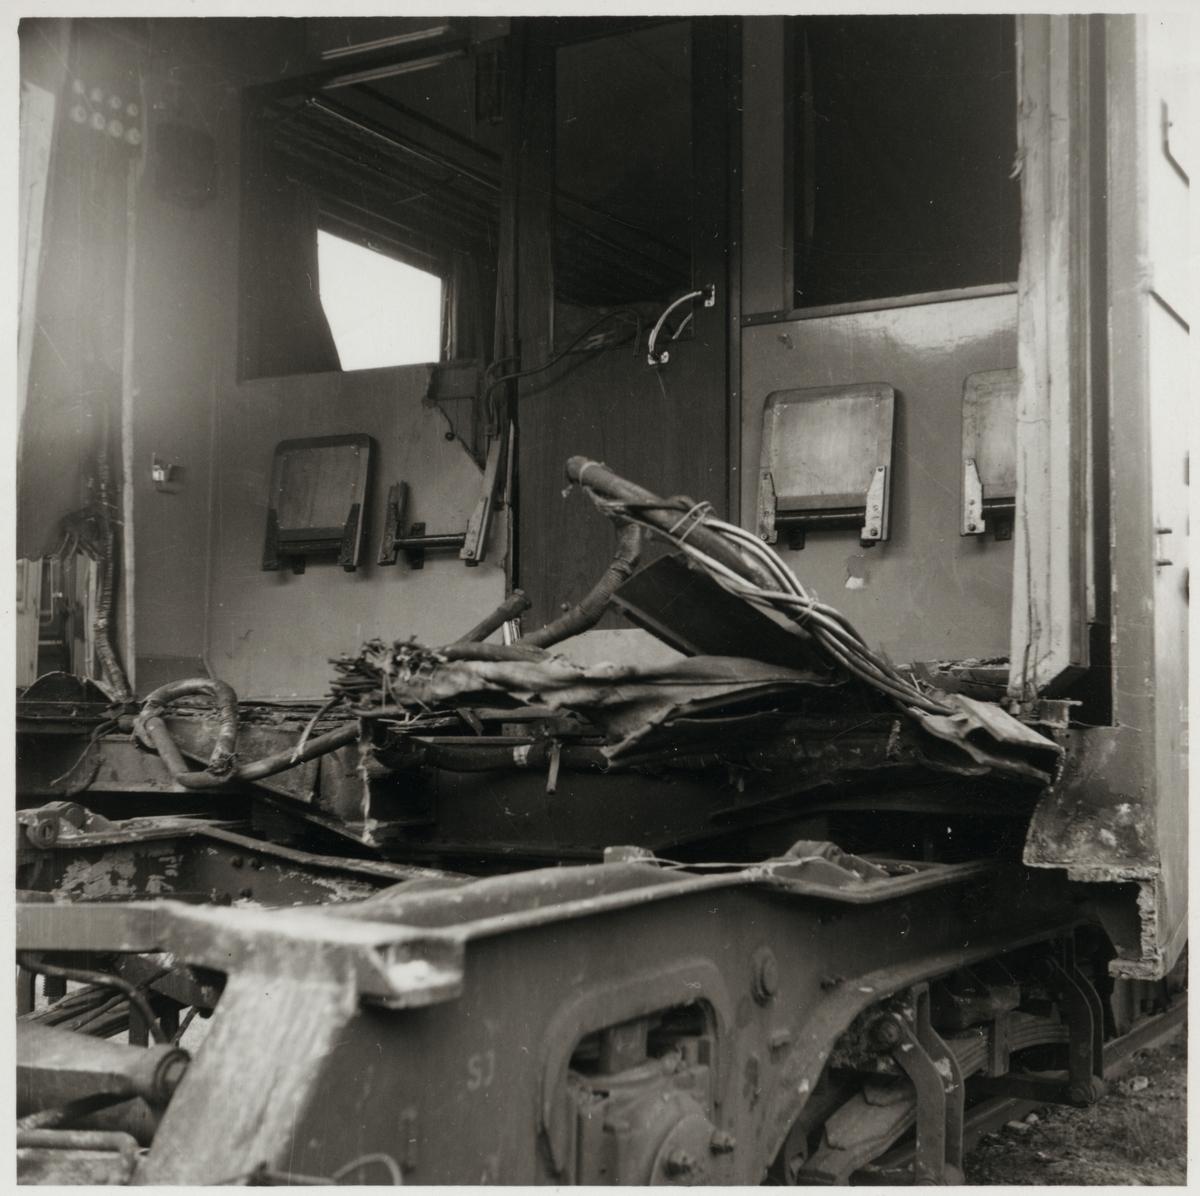 Skador på 3:e klassvagn efter olycka.